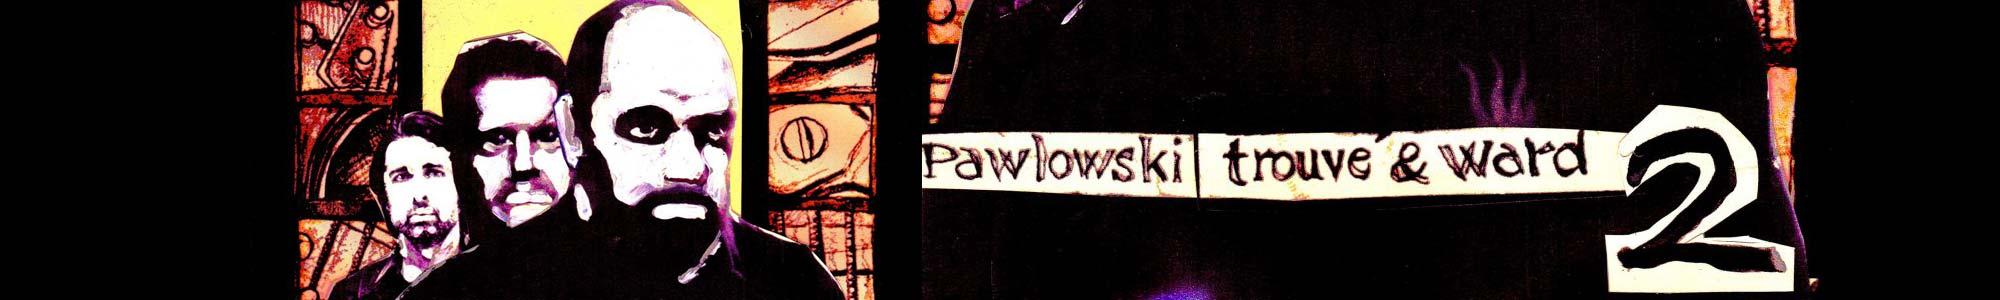 Pawlowski, Trouvé & Ward – 2